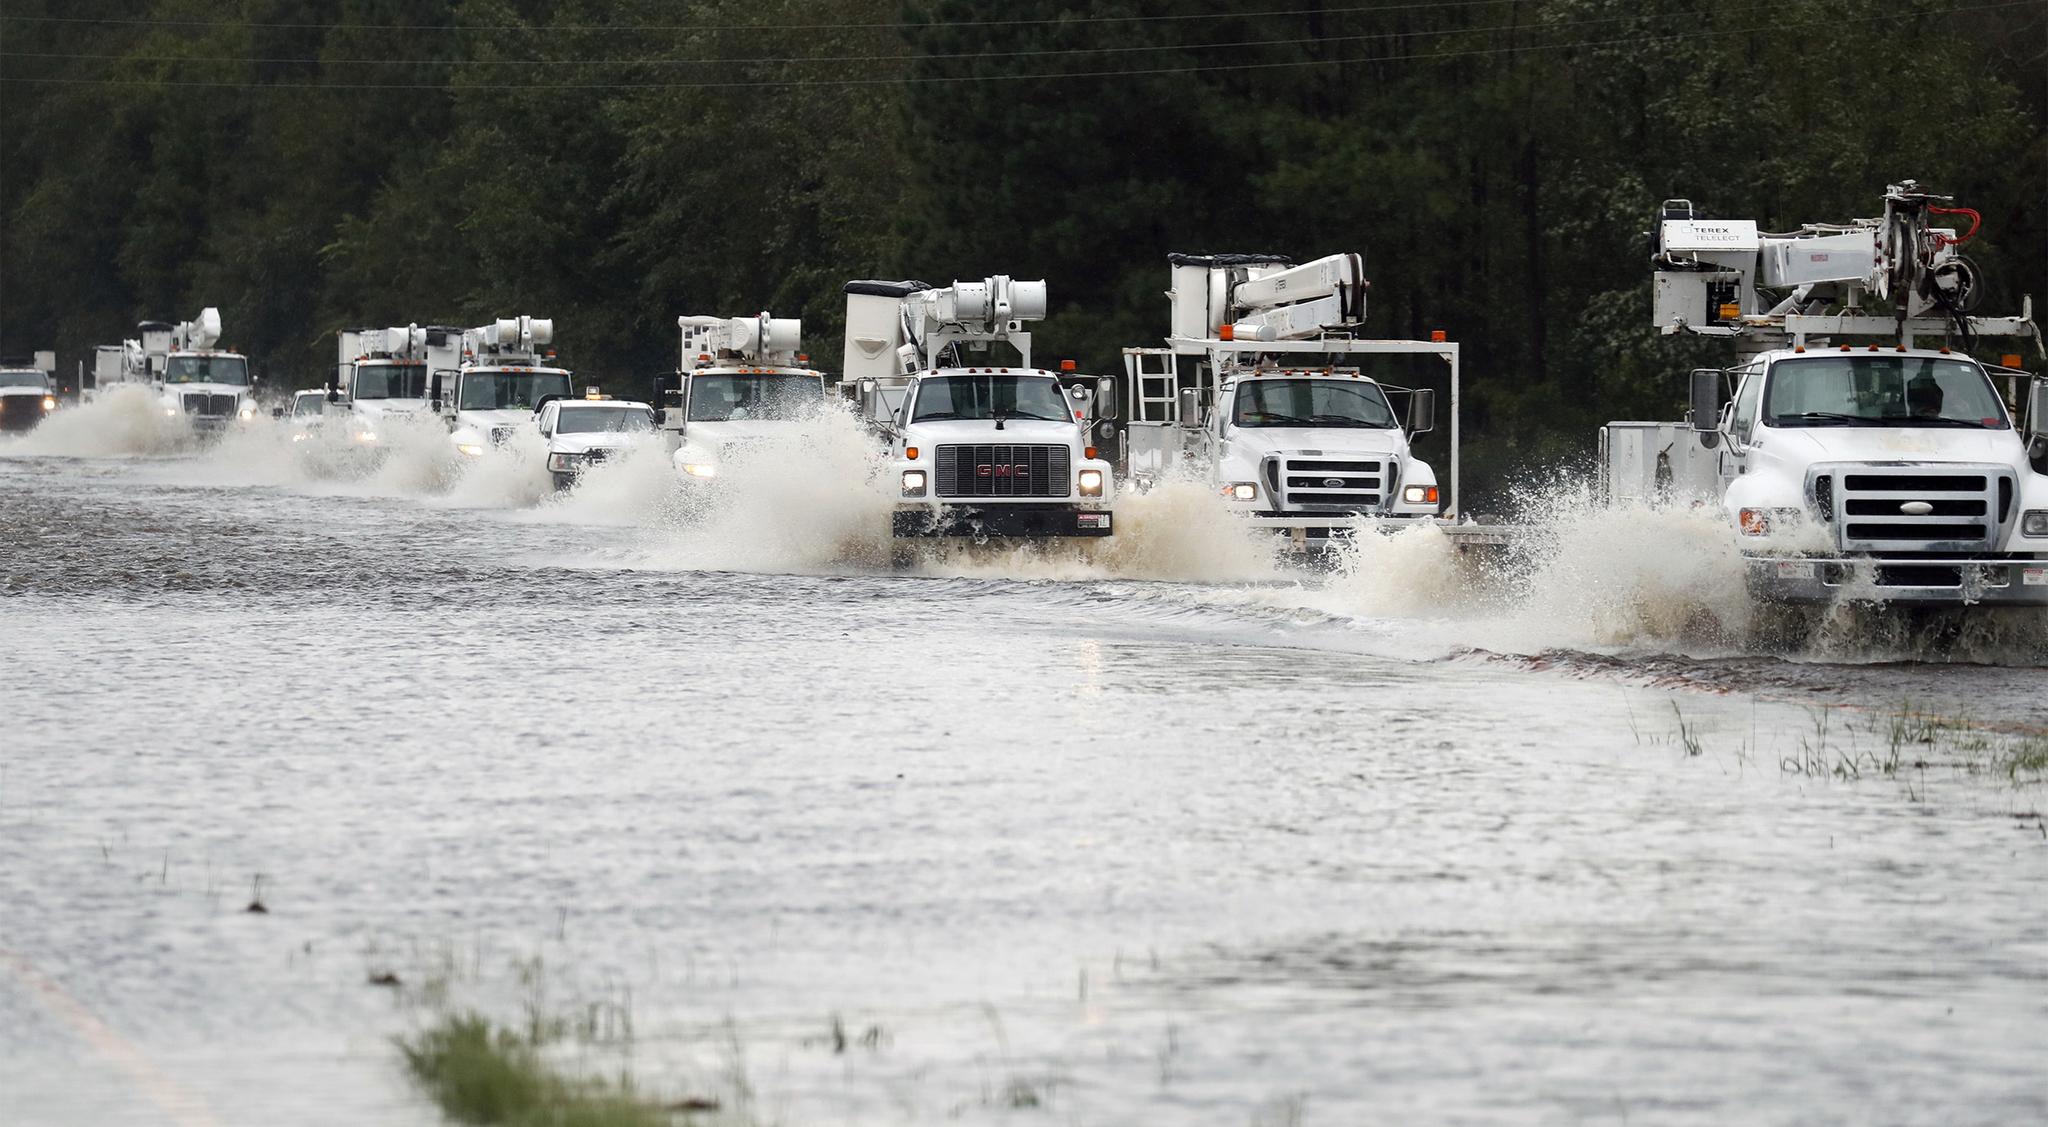 재난구호 차량들이 15일 노스캐롤라이나 킨스턴 지역을 달리고 있다. [AP=연합뉴스]